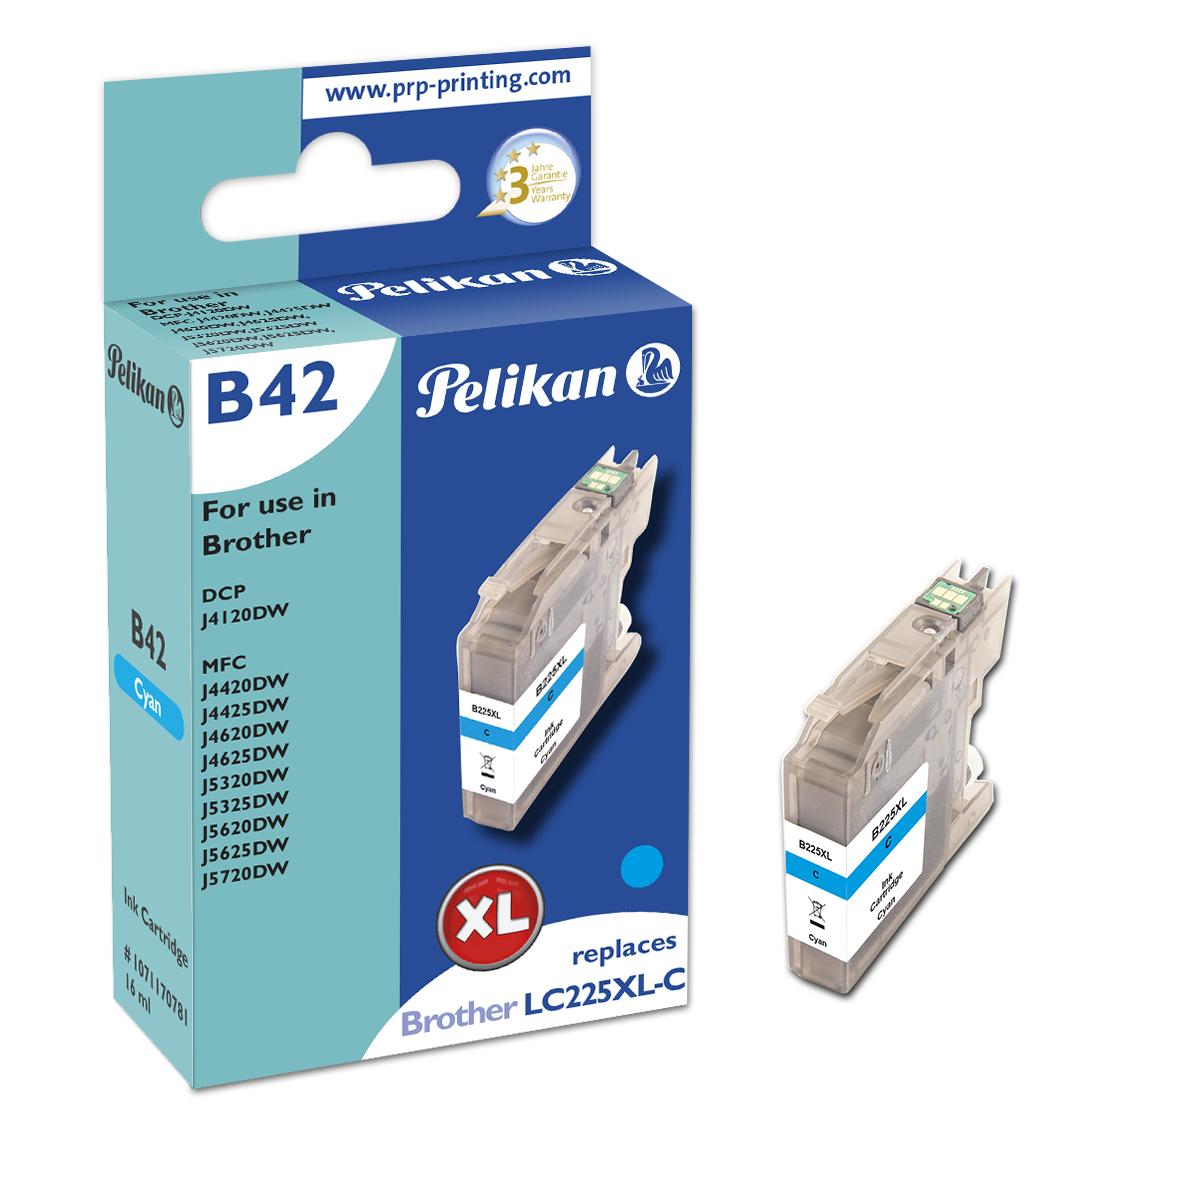 Pelikan B42 Cyan - Kompatibel - Cyan - Brother - Einzelpackung - 1 Stück(e) - 1200 Seiten